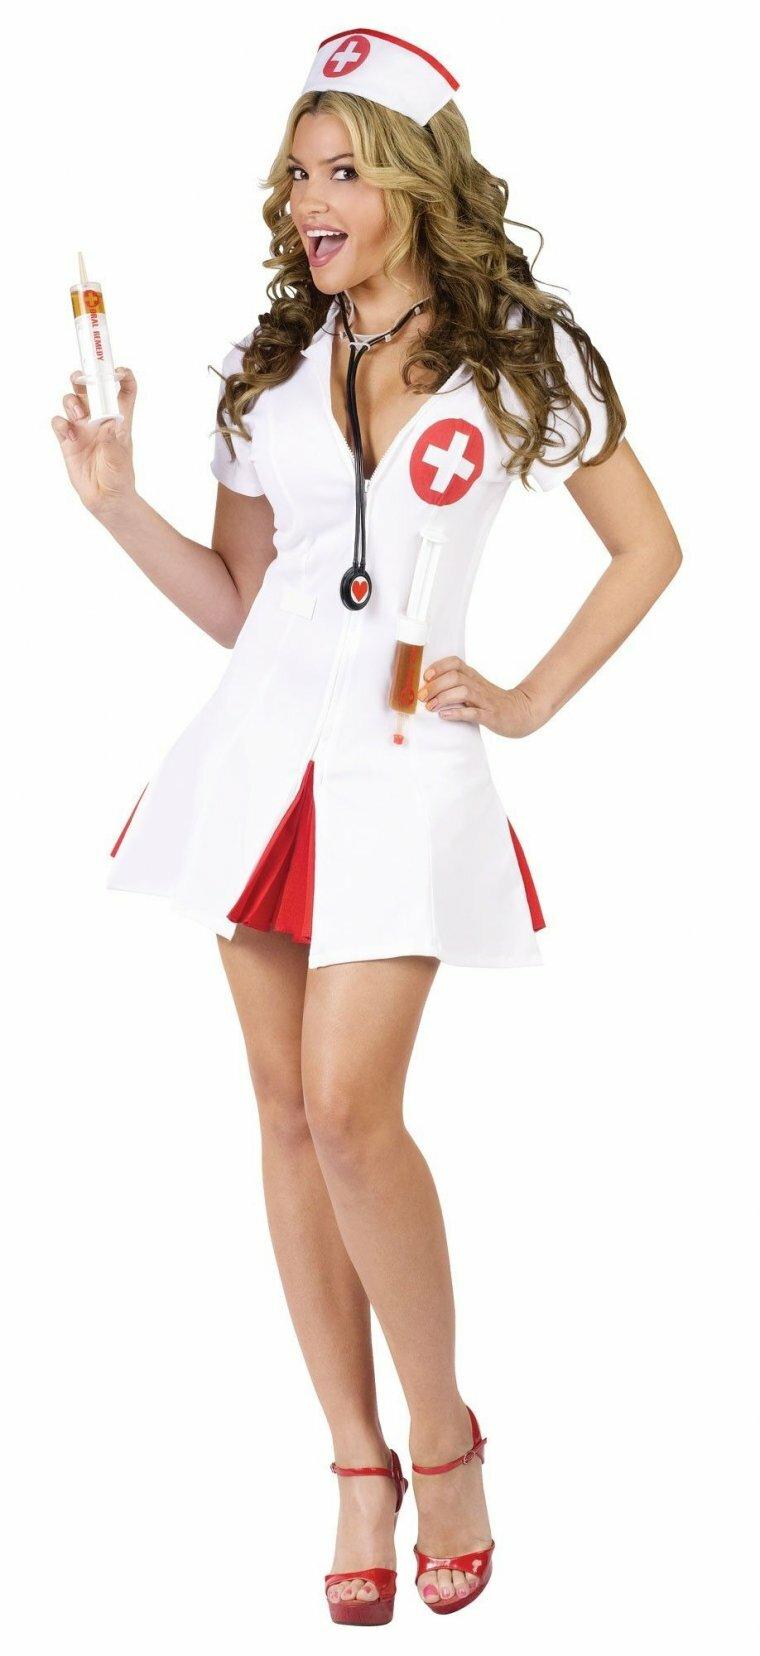 Прикольные картинки с медсестричками